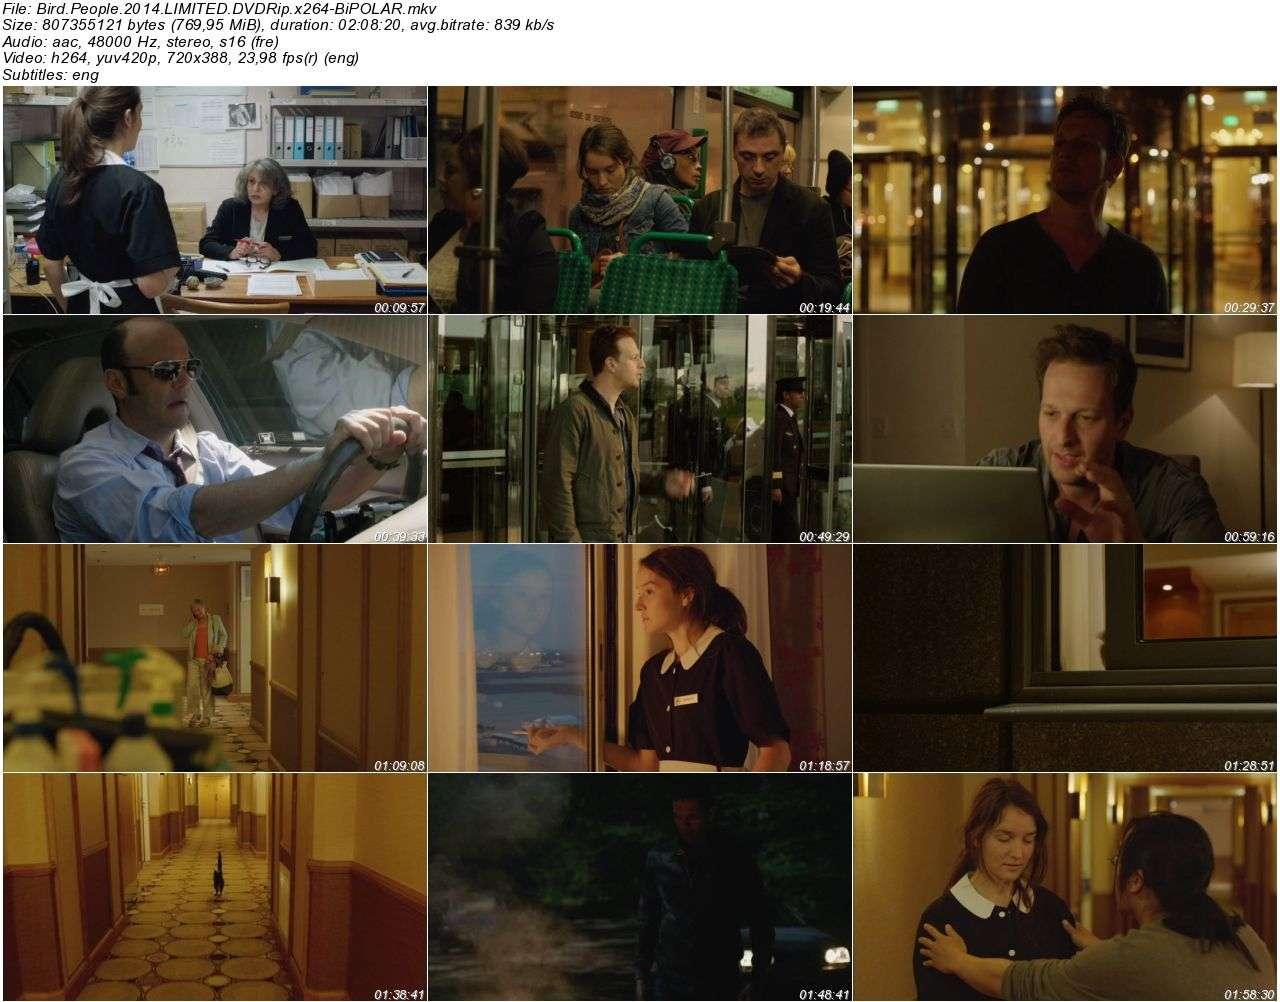 Bird People - 2014 DVDRip x264 - Türkçe Altyazılı Tek Link indir